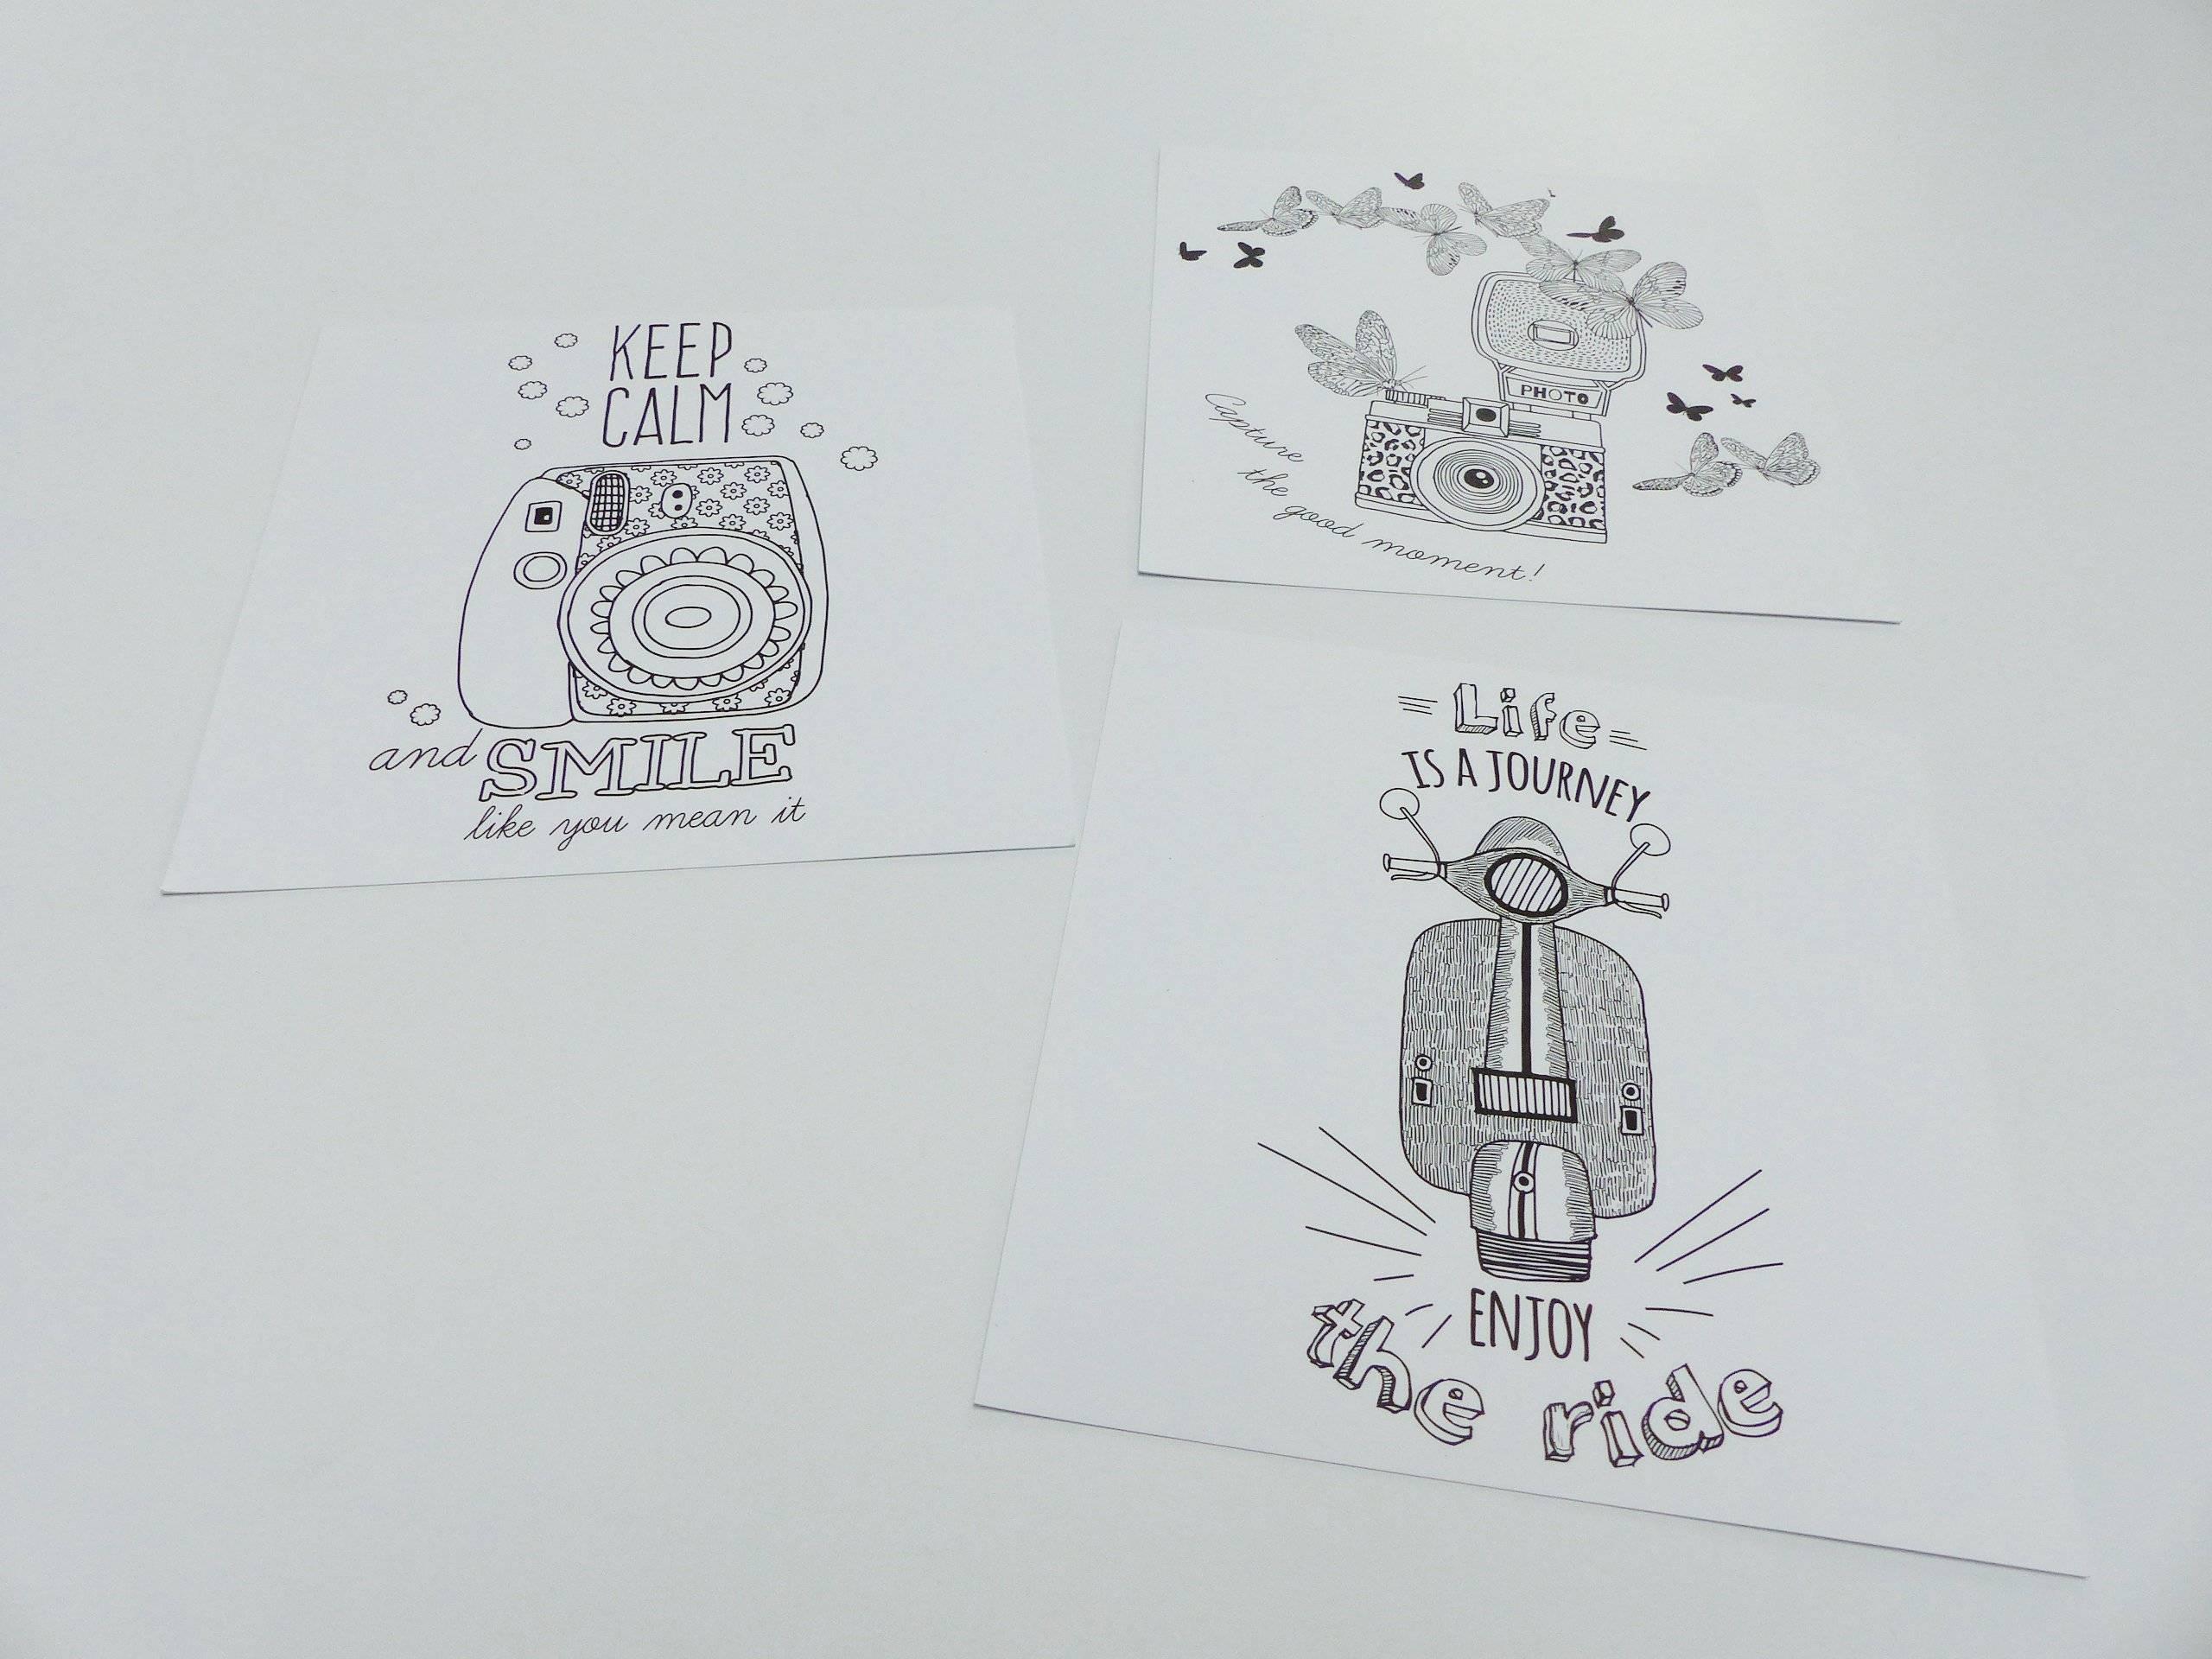 3 Cartes Postale A Colorier Appareil Photo Vacances Ete Vespa Scooter Smile Enjoy Coloriage Carte Carre 15 X 15 Cm 5 9 X 5 9 Inches Un Grand Marche